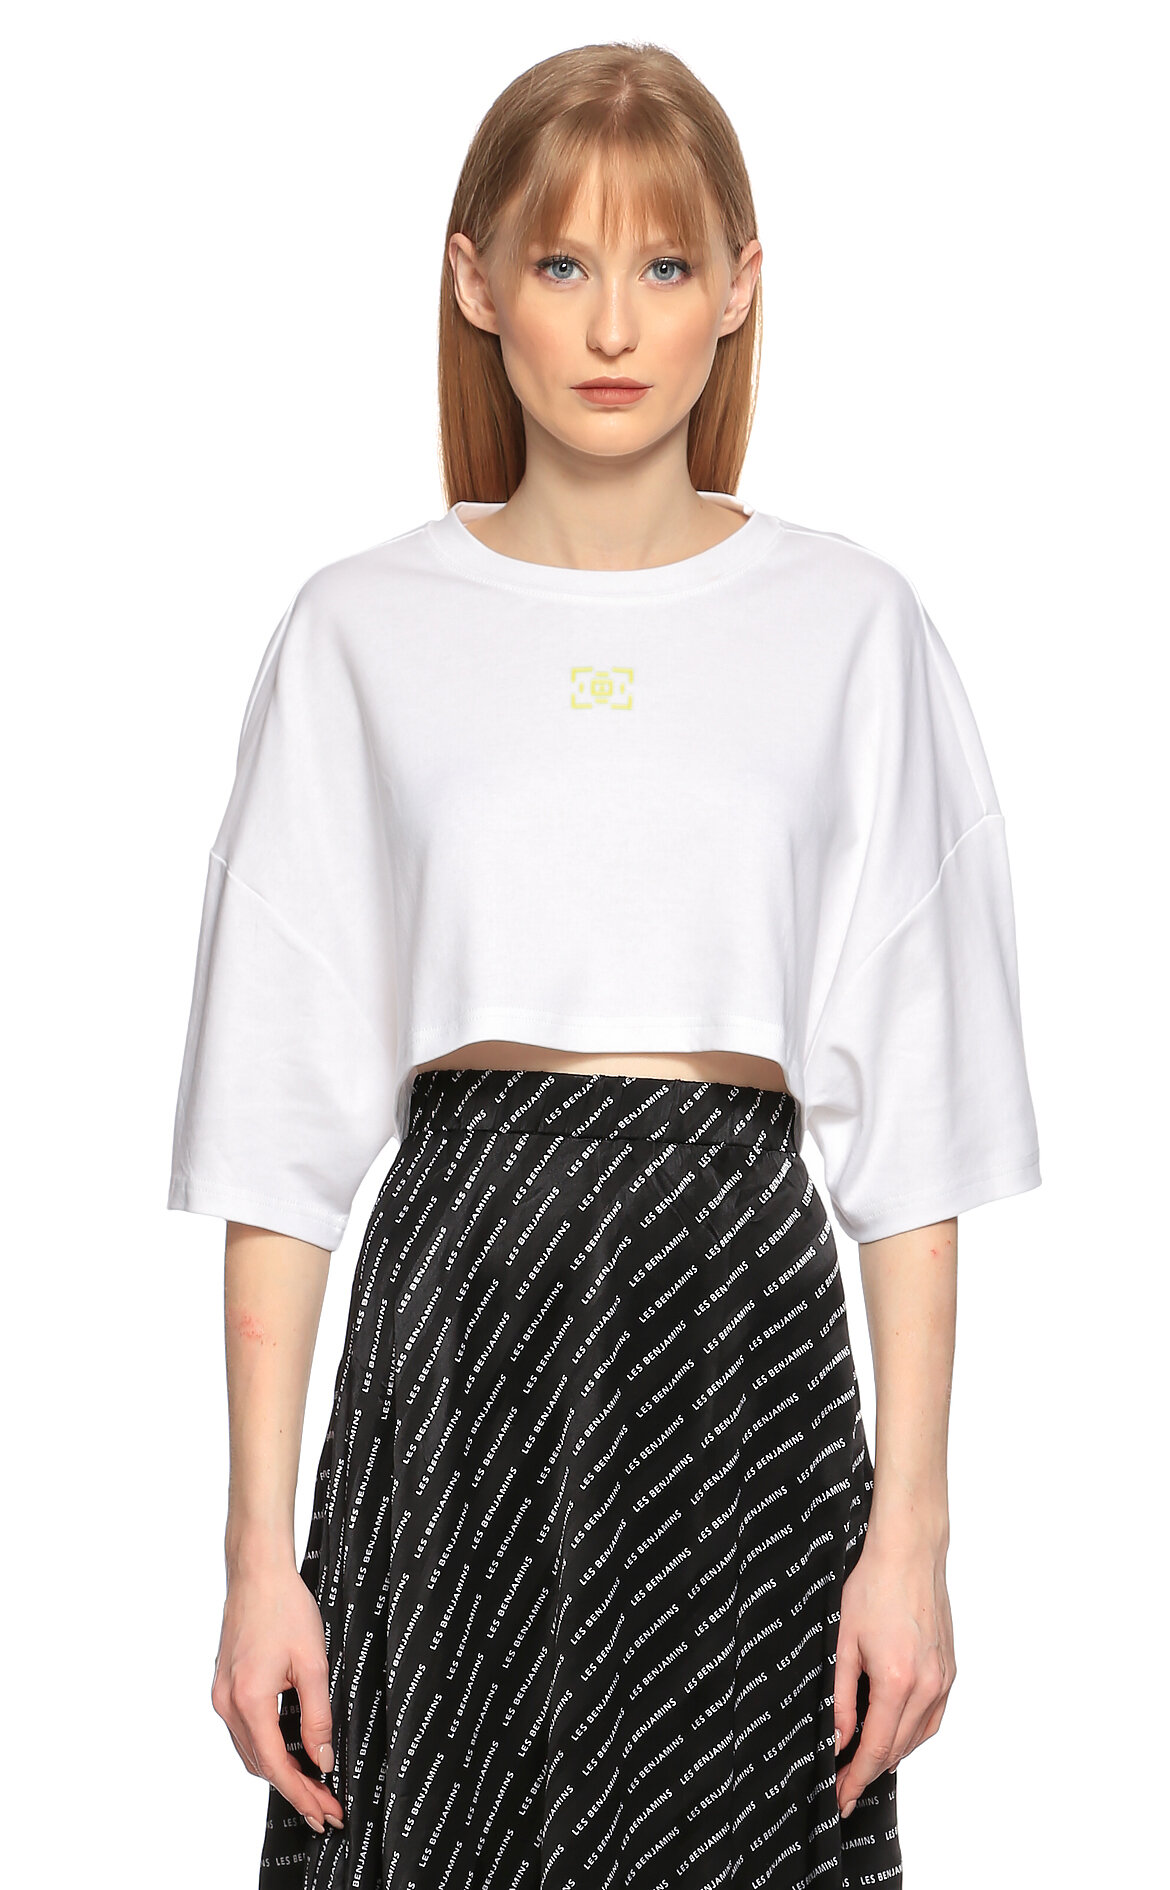 Les Benjamins-Les Benjamins Baskılı Beyaz T-Shirt